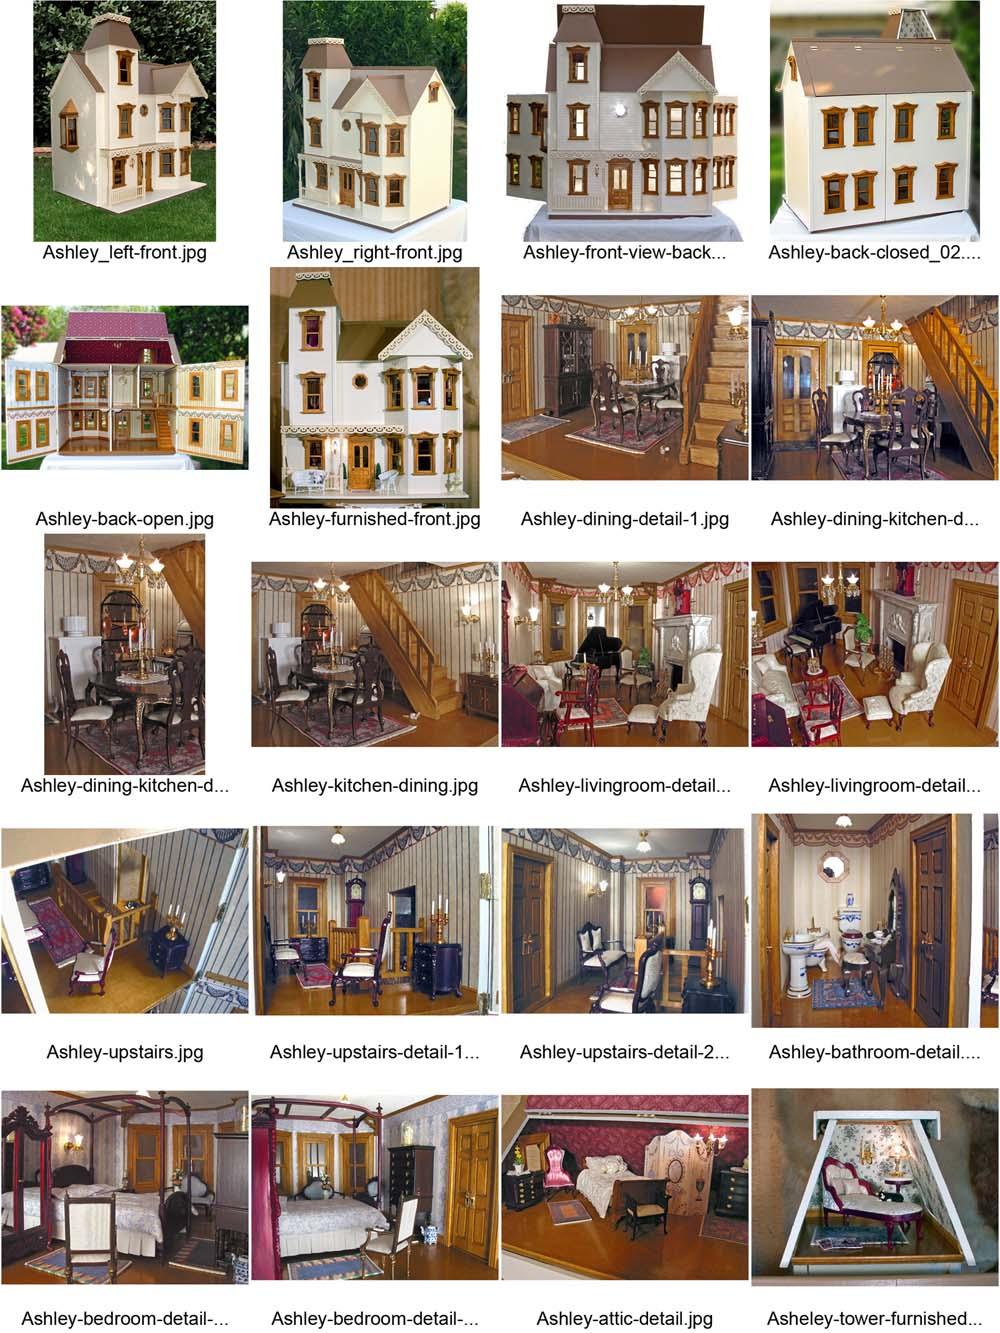 dollhouse-ashley.jpg